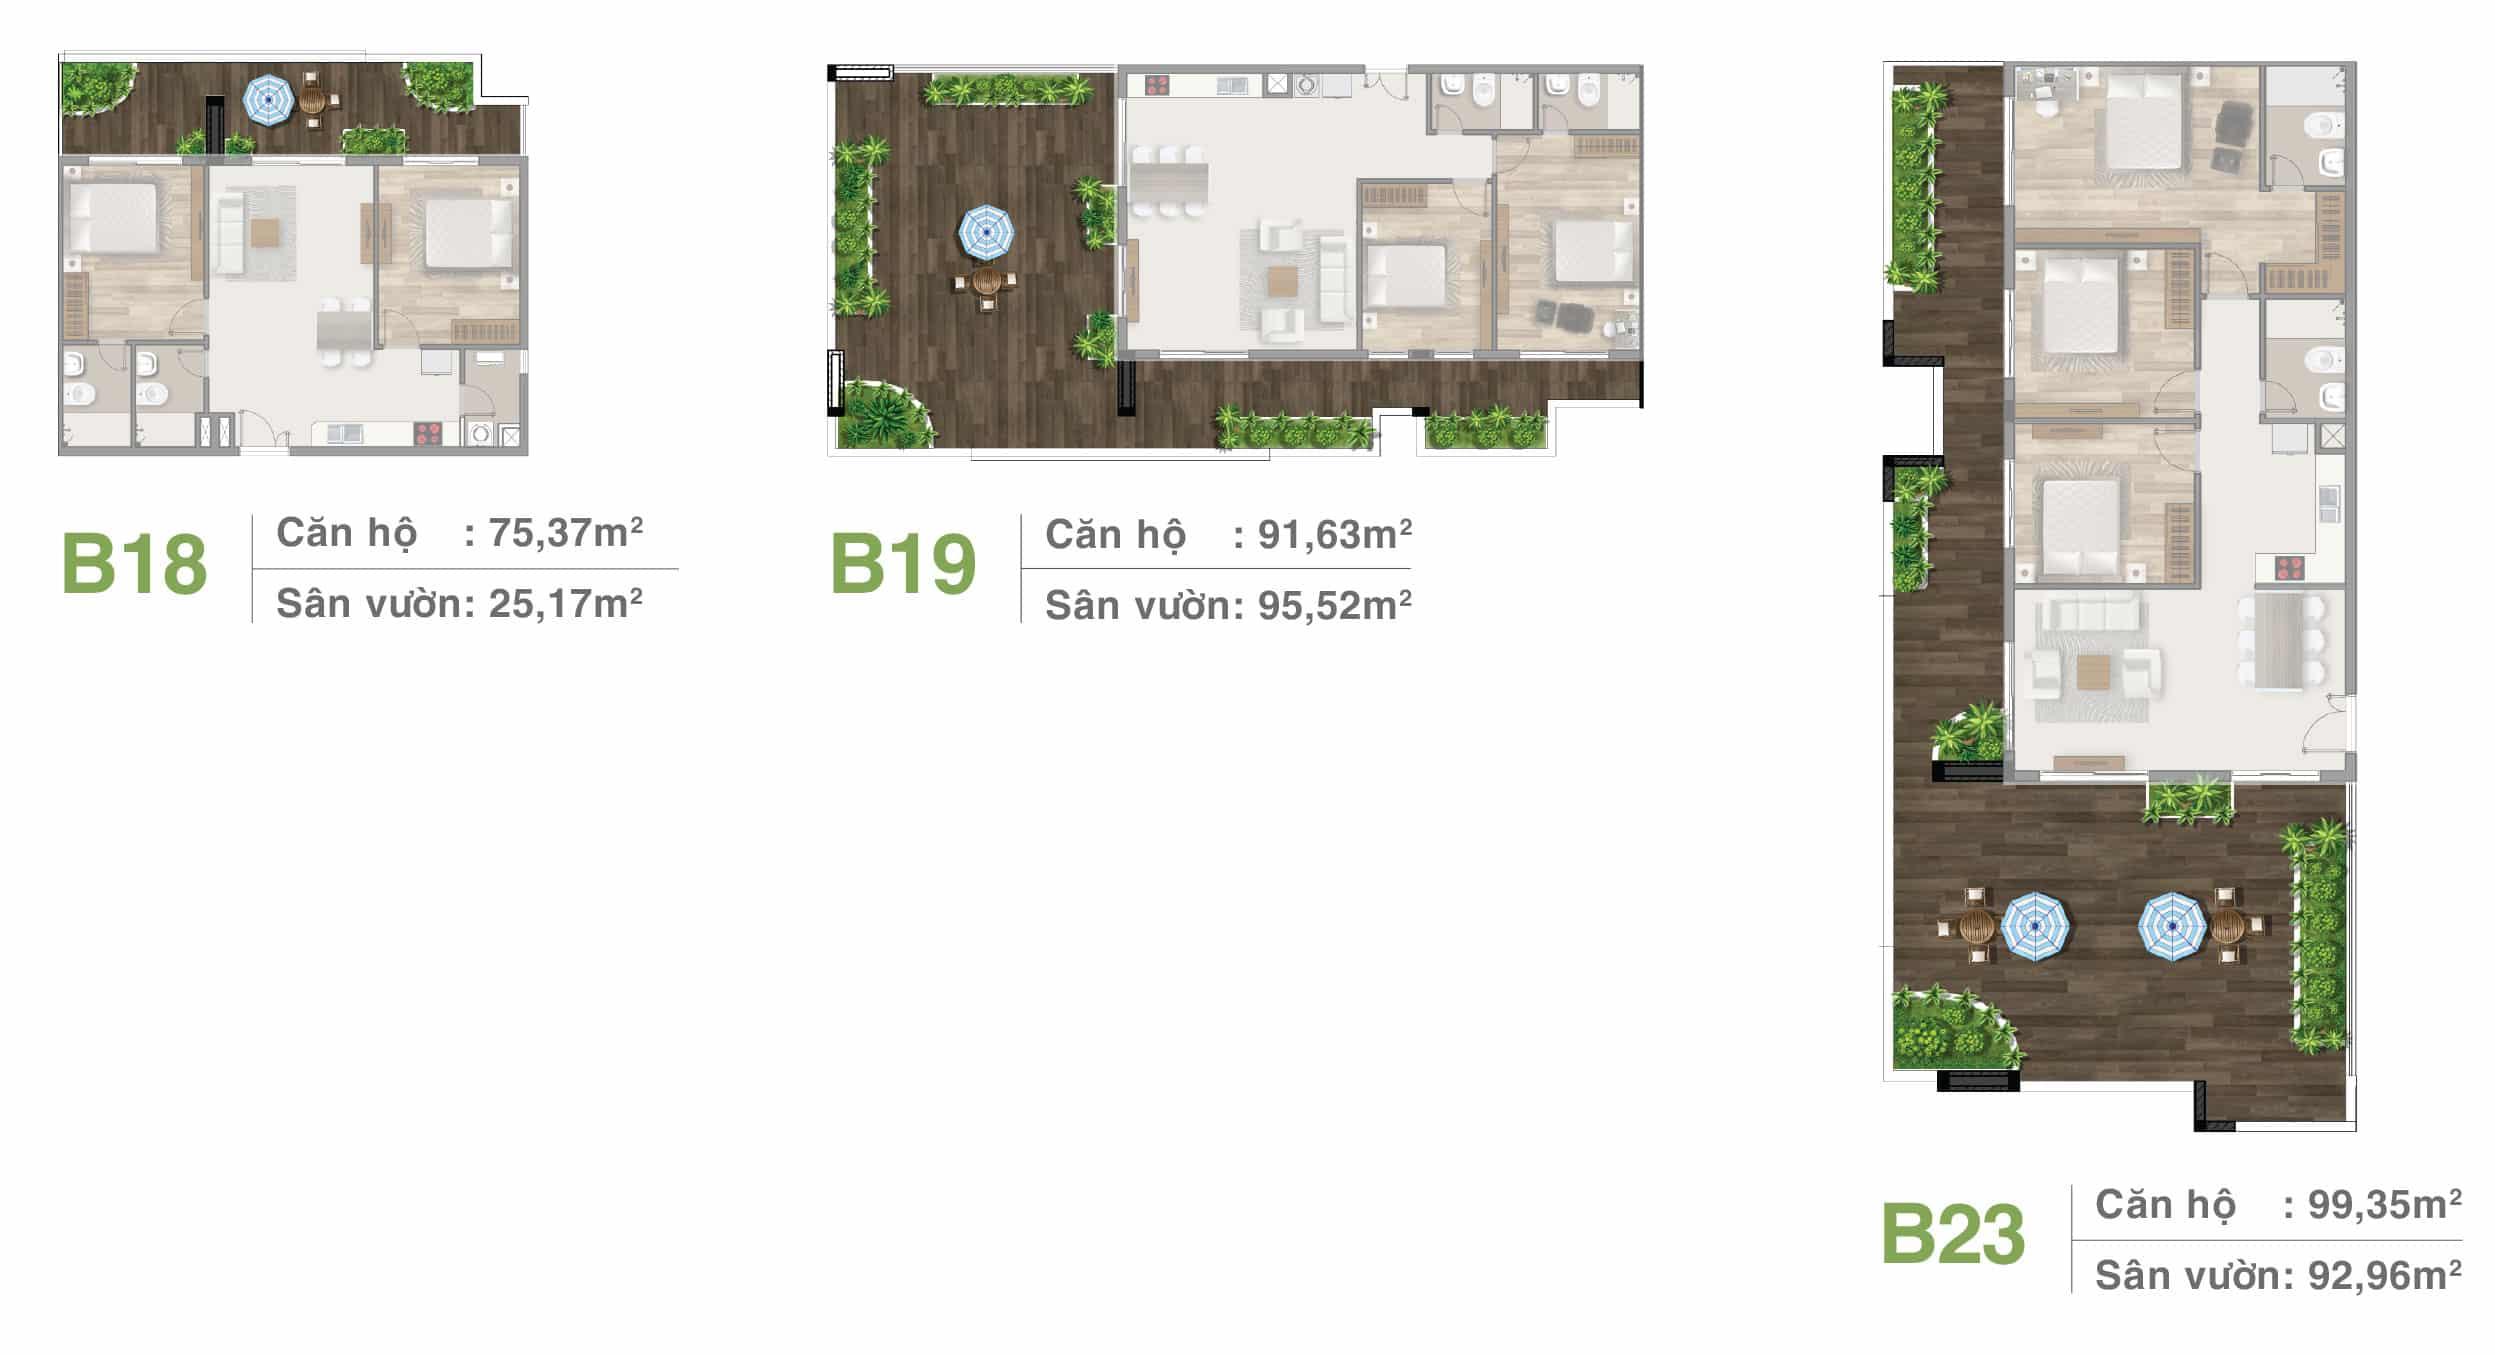 Thiết kế căn hộ sân vườn tầng 21